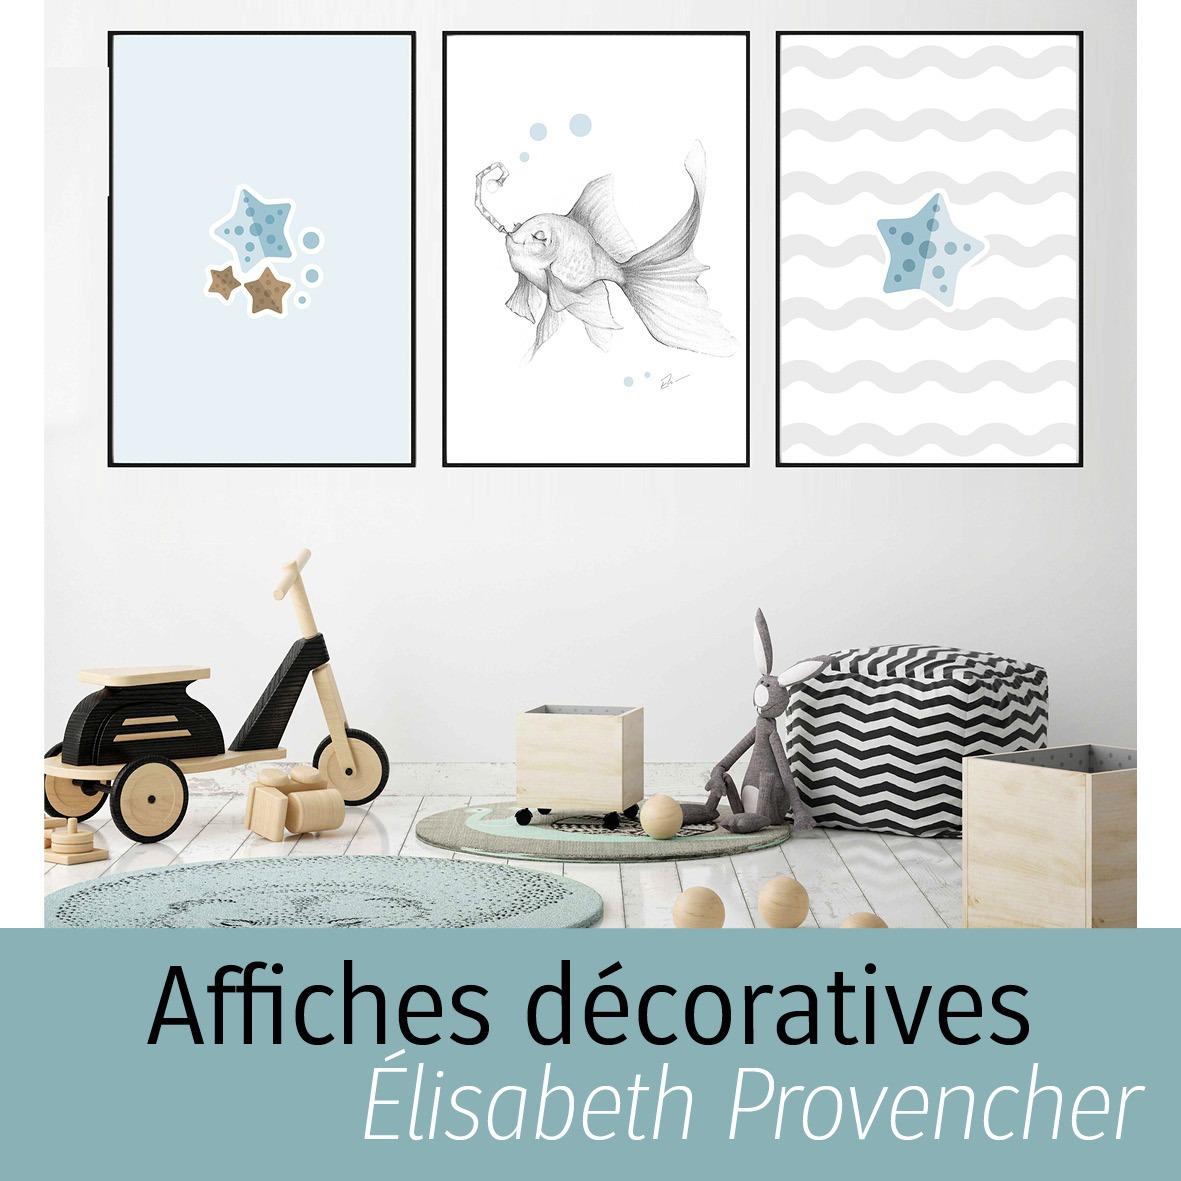 Affiches décoratives d'Élisabeth Provencher